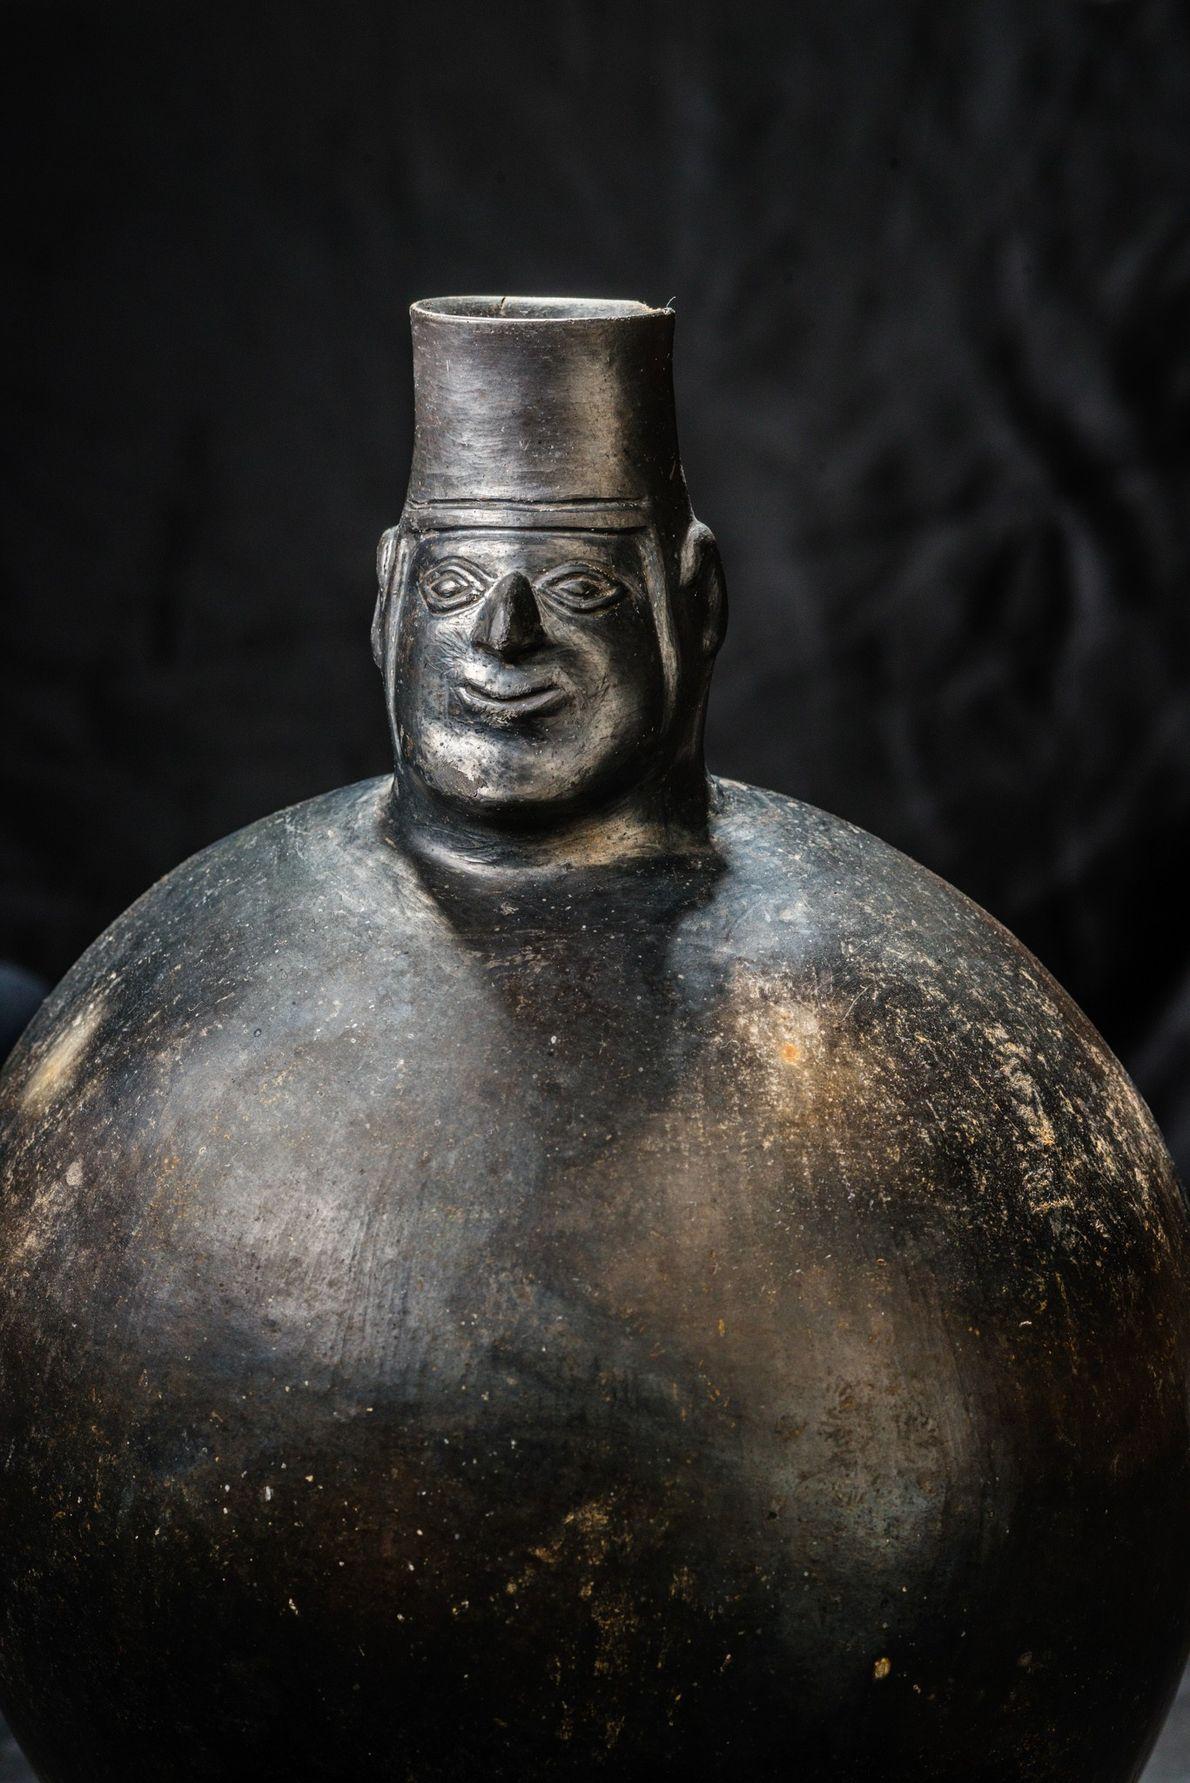 Una estatua de piedra, uno de los tesoros de la tumba imperial del Castillo de Huarmey.